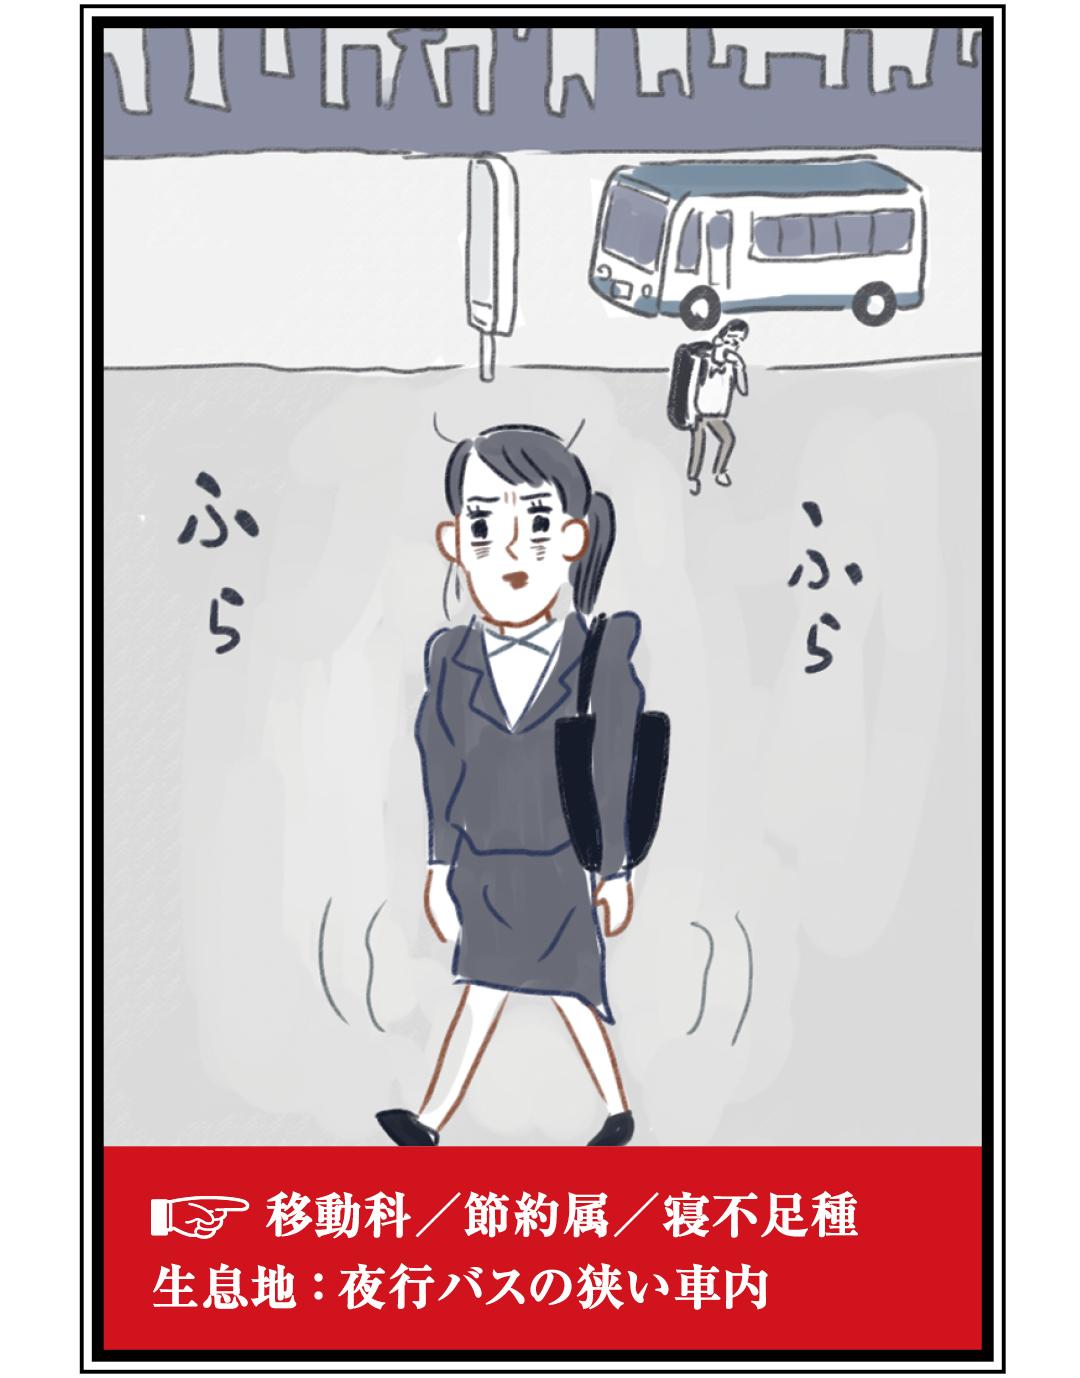 残念就活生図鑑 私のダメ就活編Vol.1_1_3